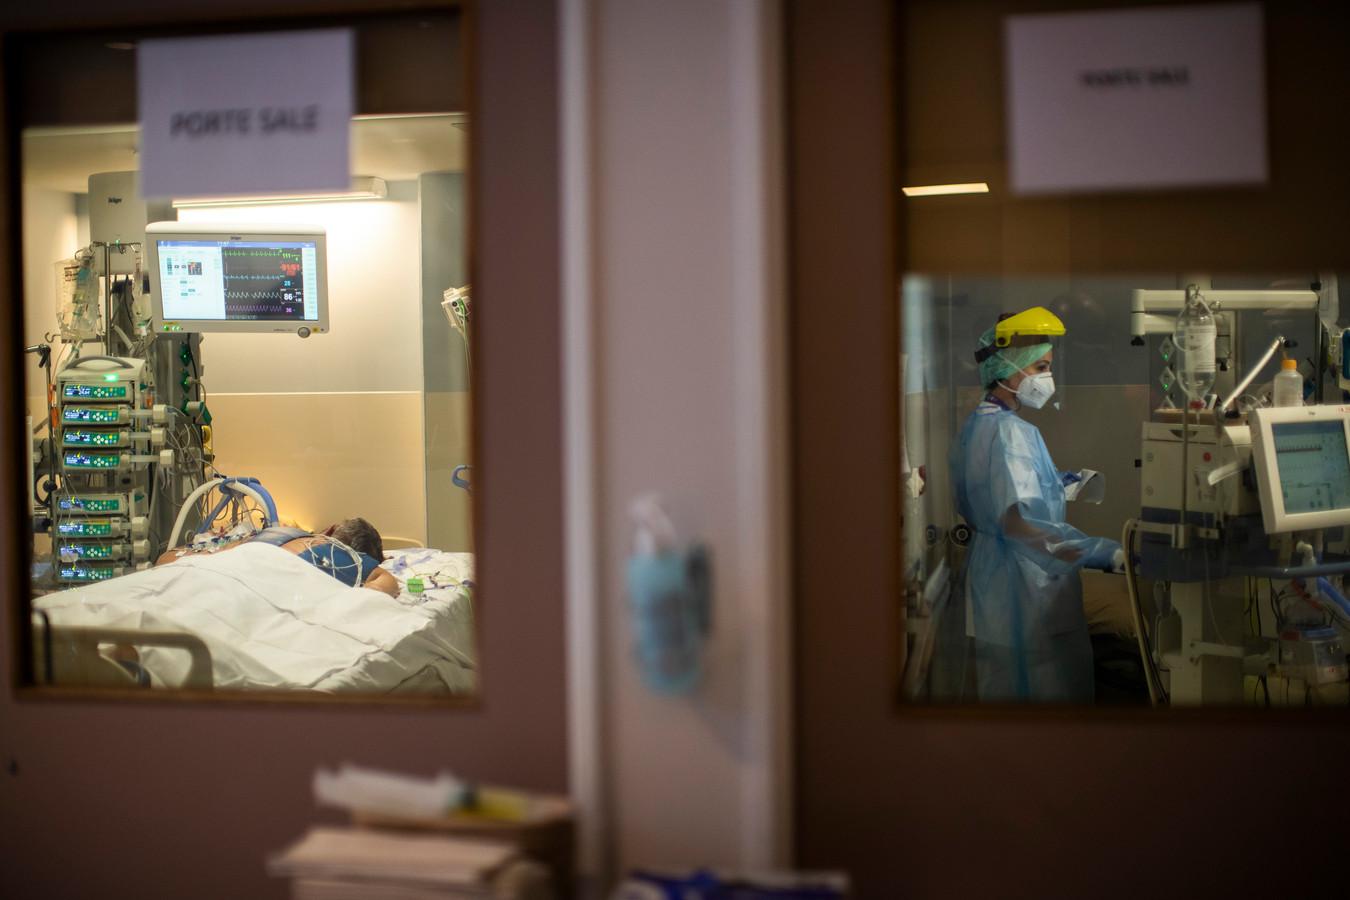 Unité de soins intensifs de l'hôpital Érasme, à Bruxelles (archives)